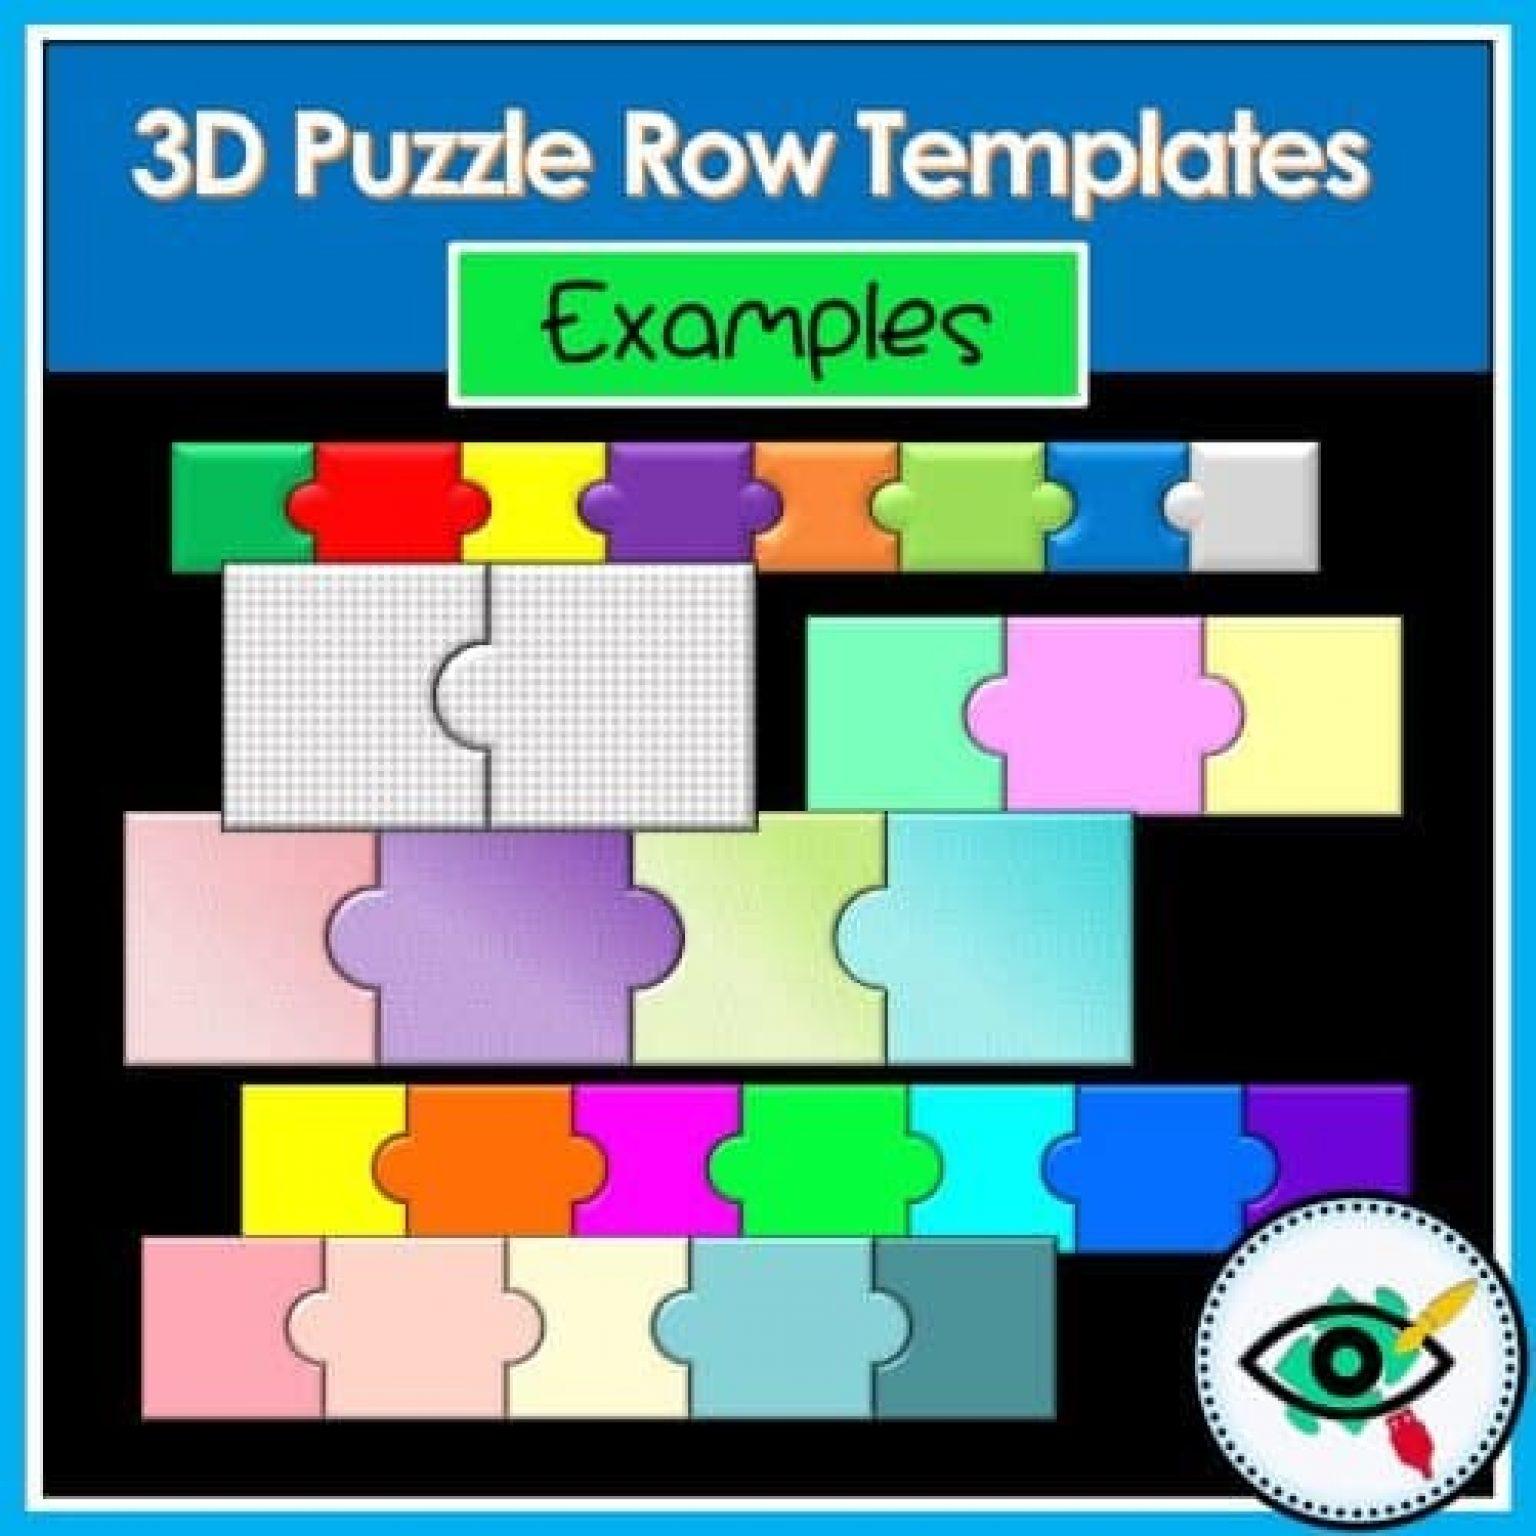 3d-puzzle-row-templates-title3